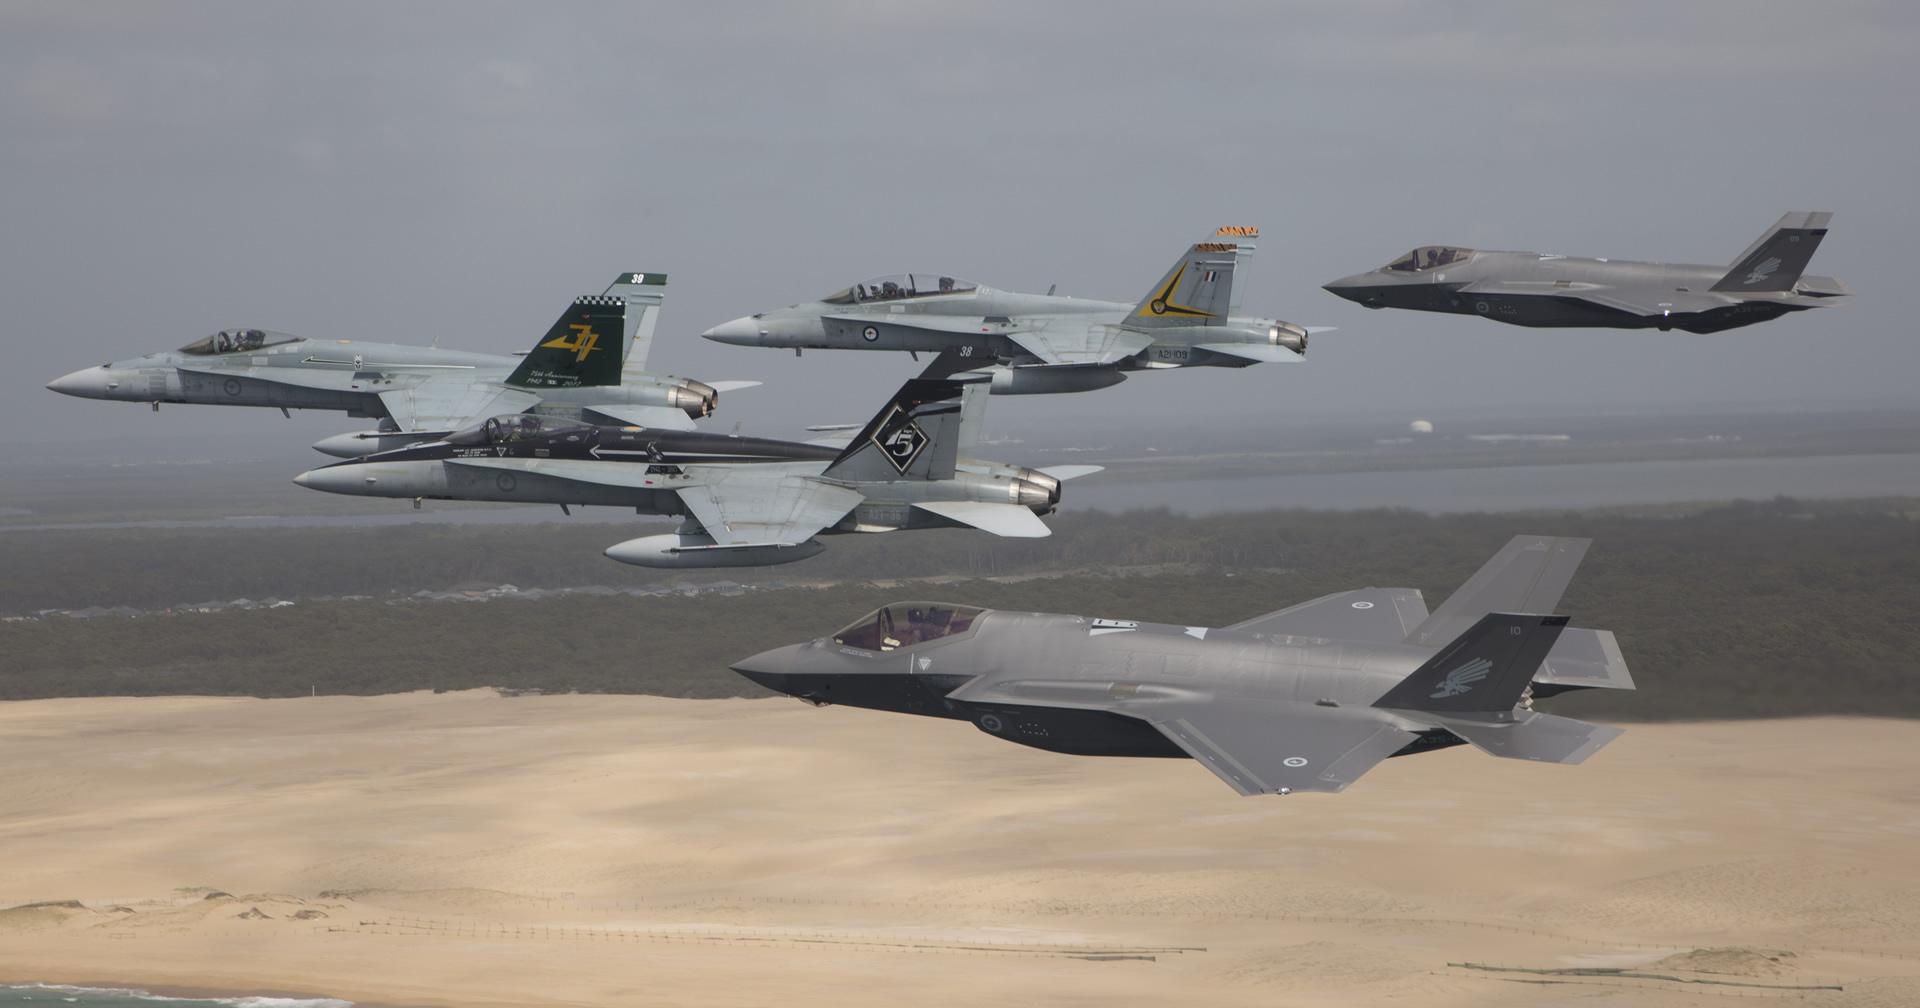 Arriban los primeros F-35A Lightning II a la RAAF Williamtown Heralding de Australia